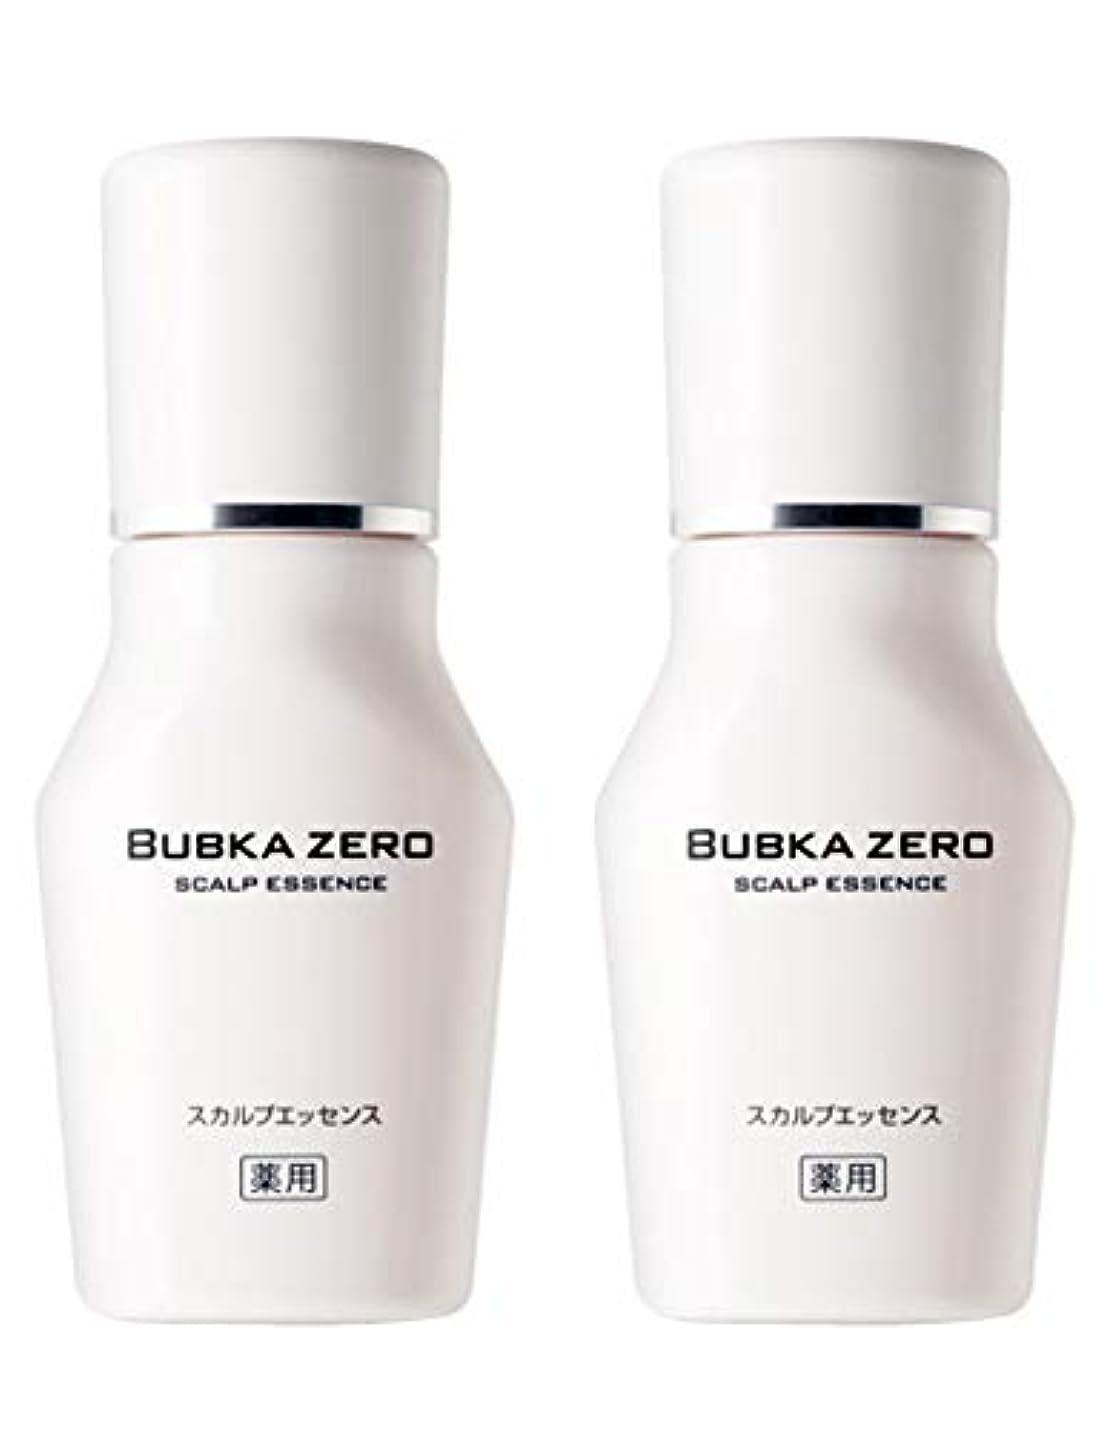 郵便物かんがいすみません【医薬部外品】BUBKA(ブブカ)薬用 スカルプエッセンス 育毛剤 BUBKA ZERO (ブブカ ゼロ)2本セット